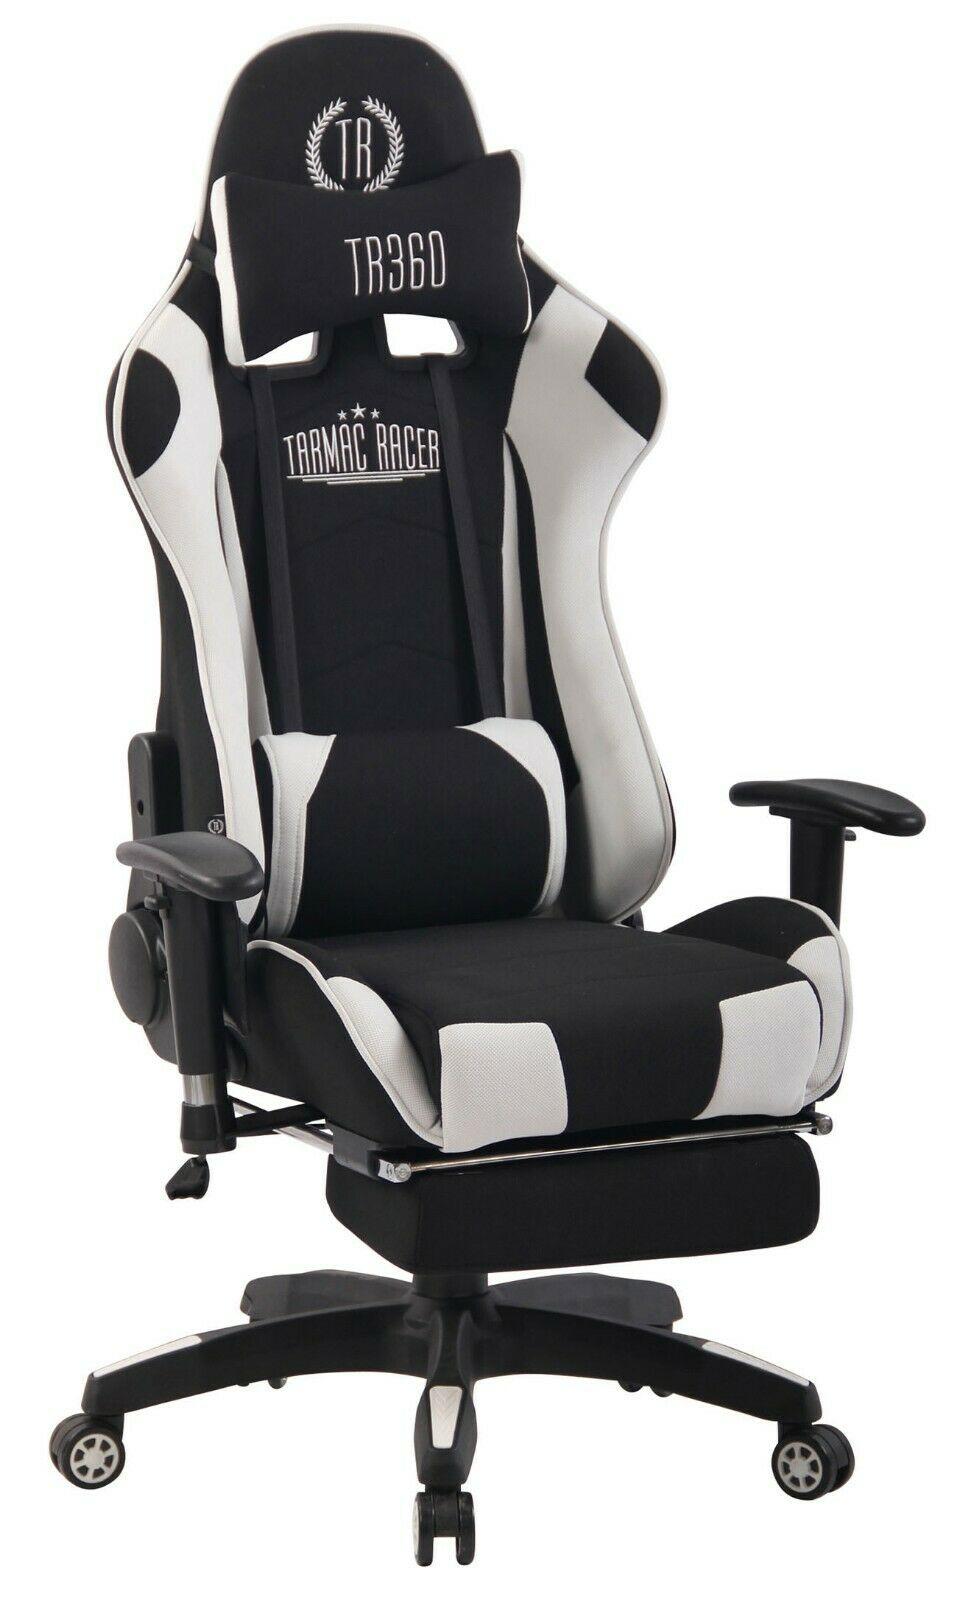 und Massagefunktion Gaming Gamer Zocker Bürostuhl weiß Stoff Chefsessel Wärme